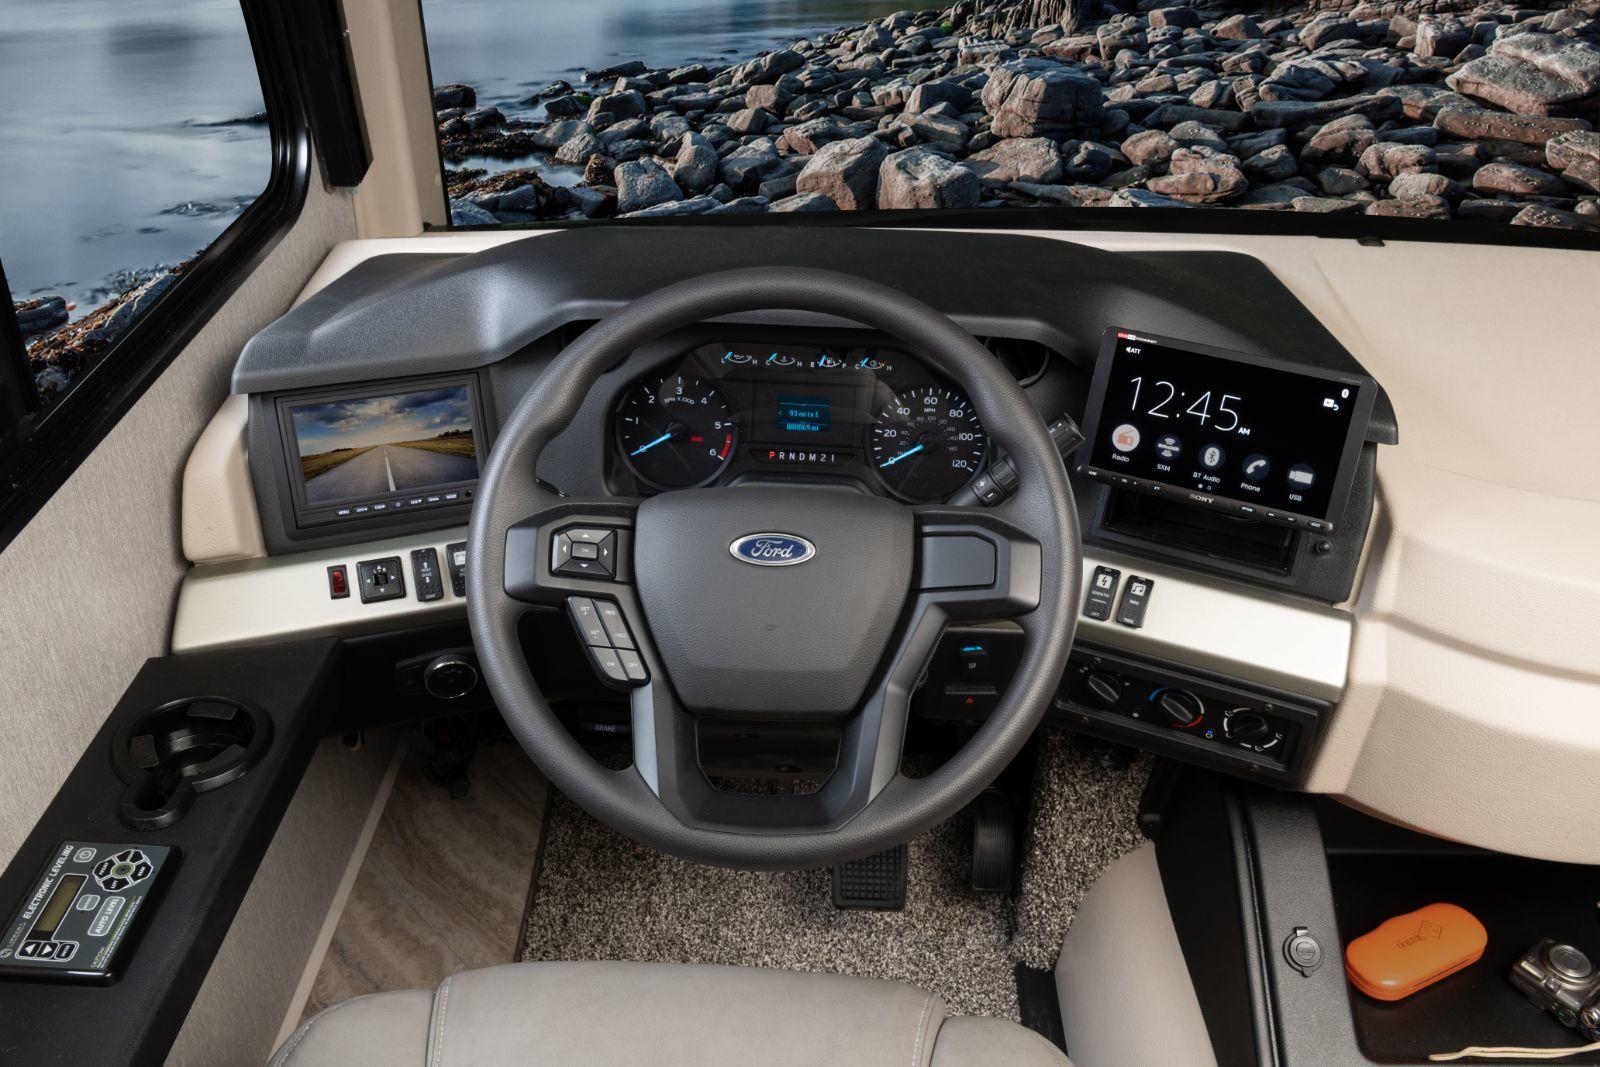 2021 Fortis - Ford F53 V8, 350HP